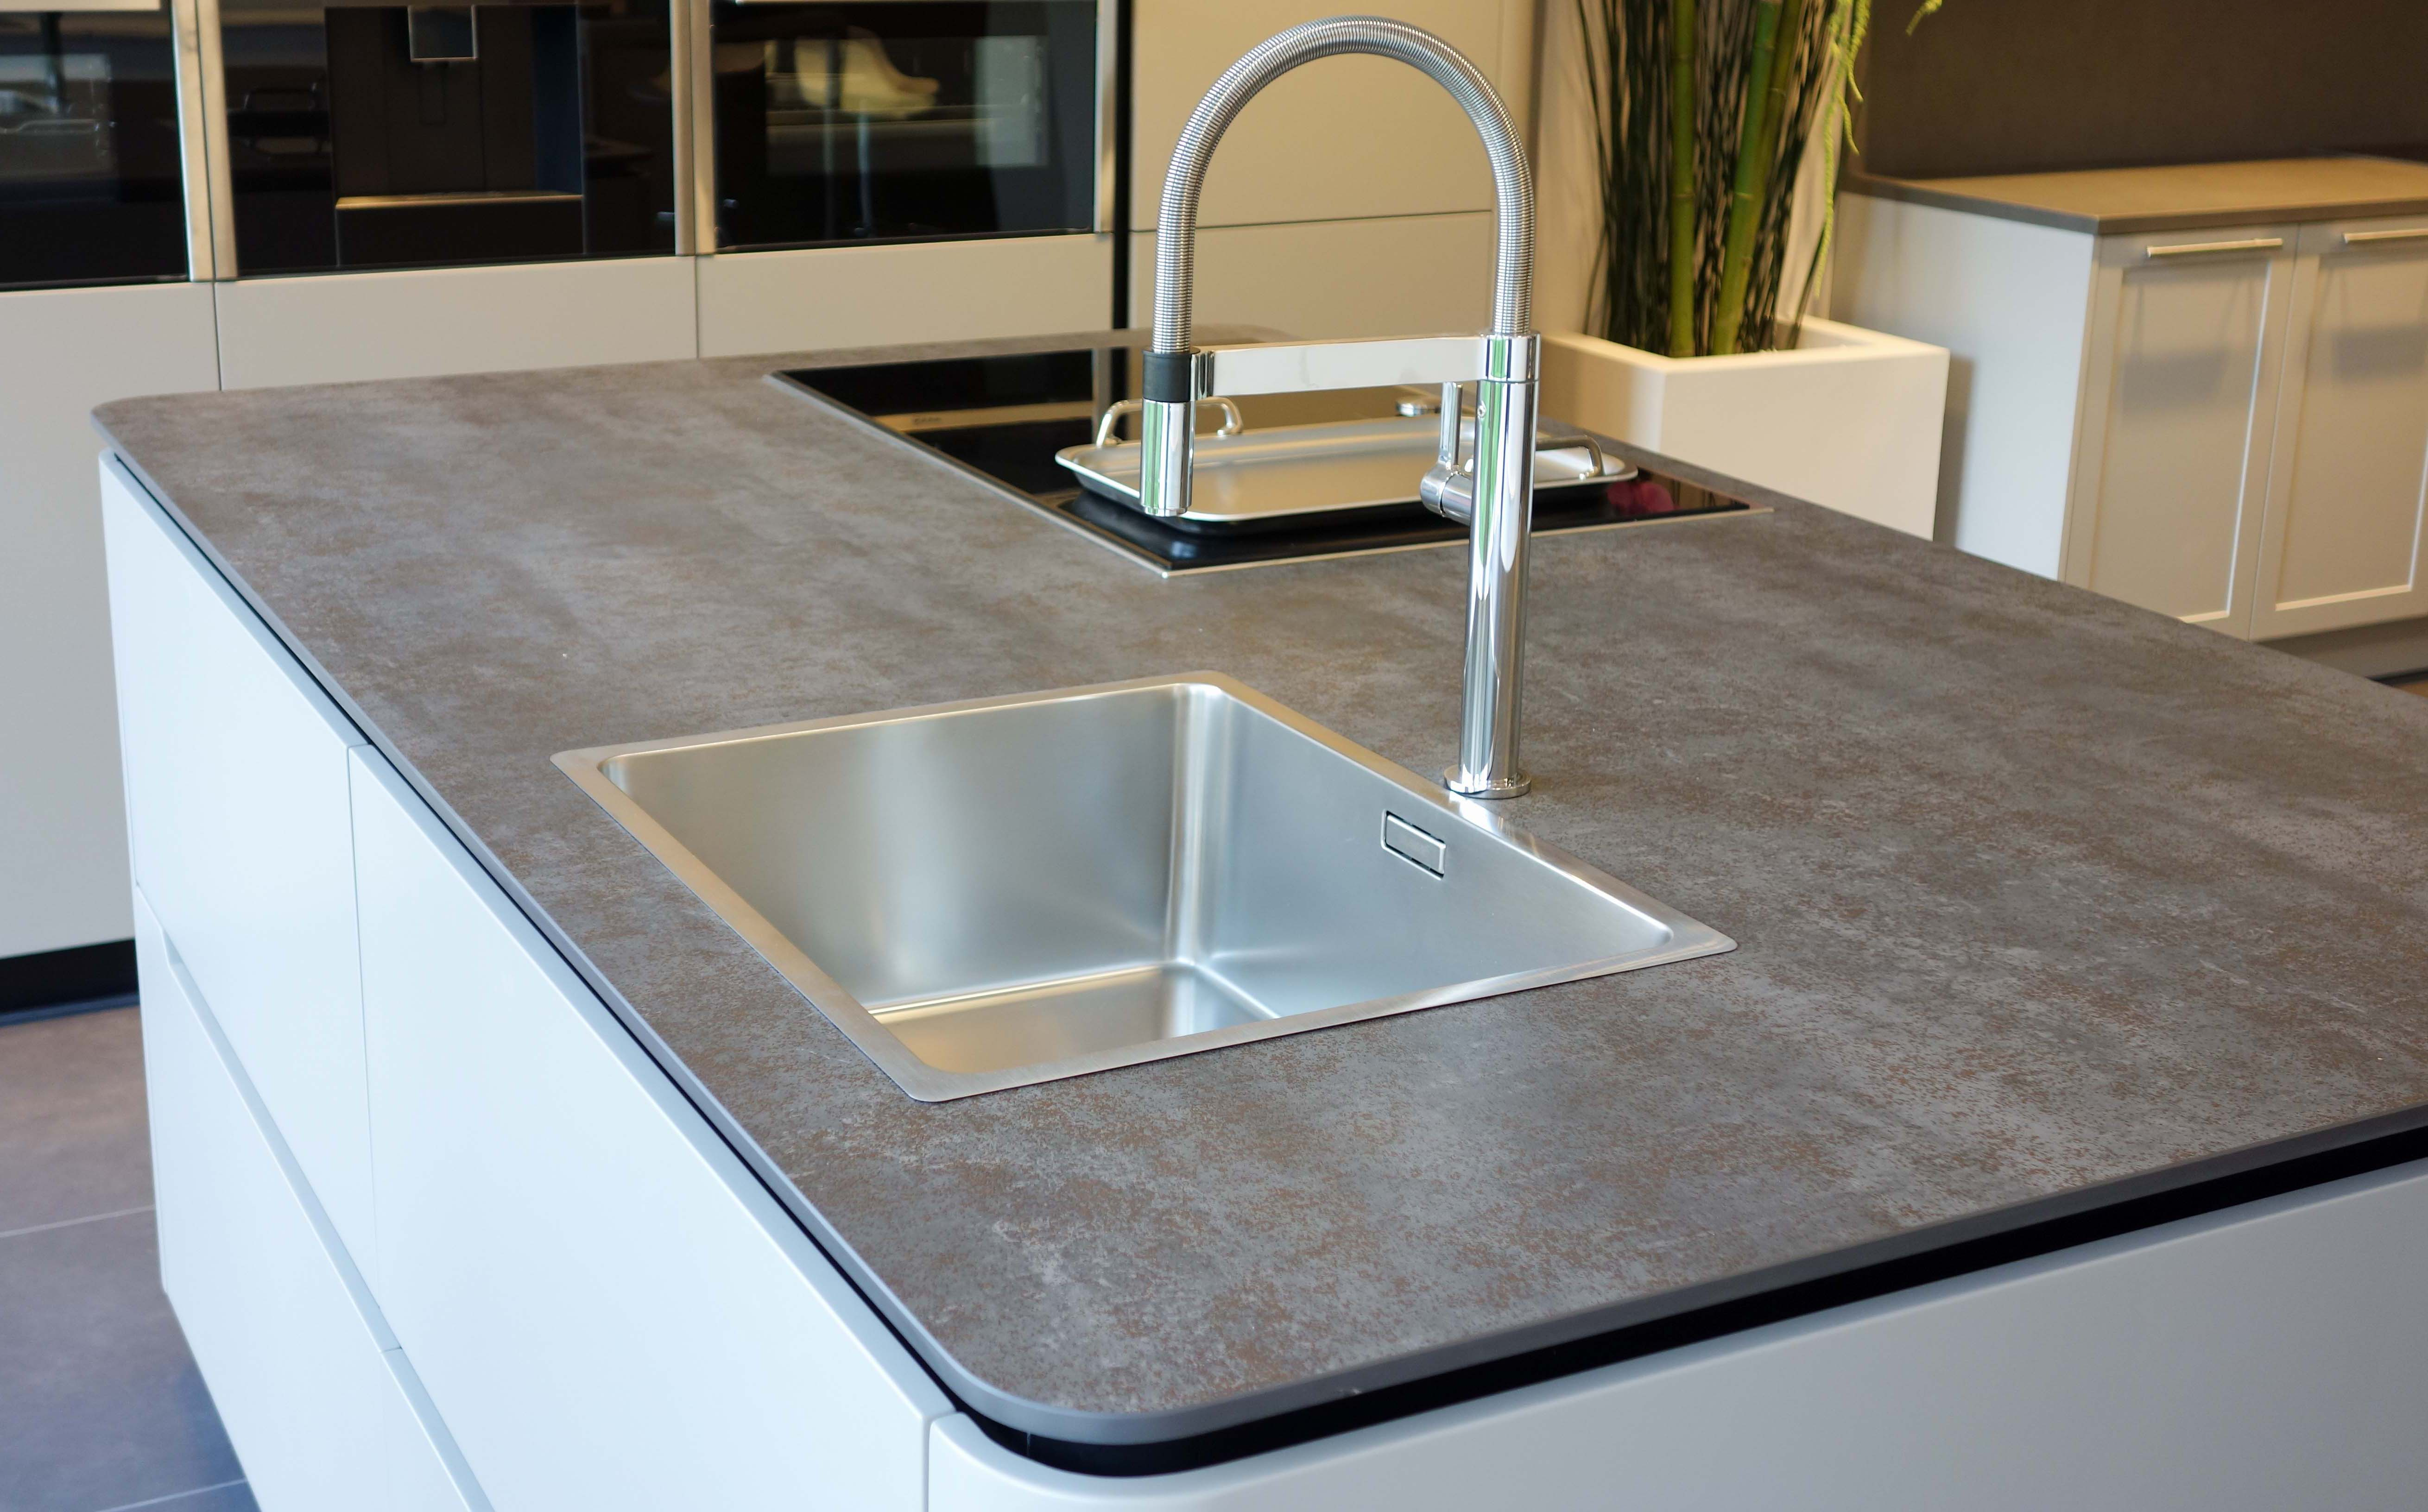 Muebles De Cocinas Xp Del Fabricante Logos # Xp Muebles De Cocina